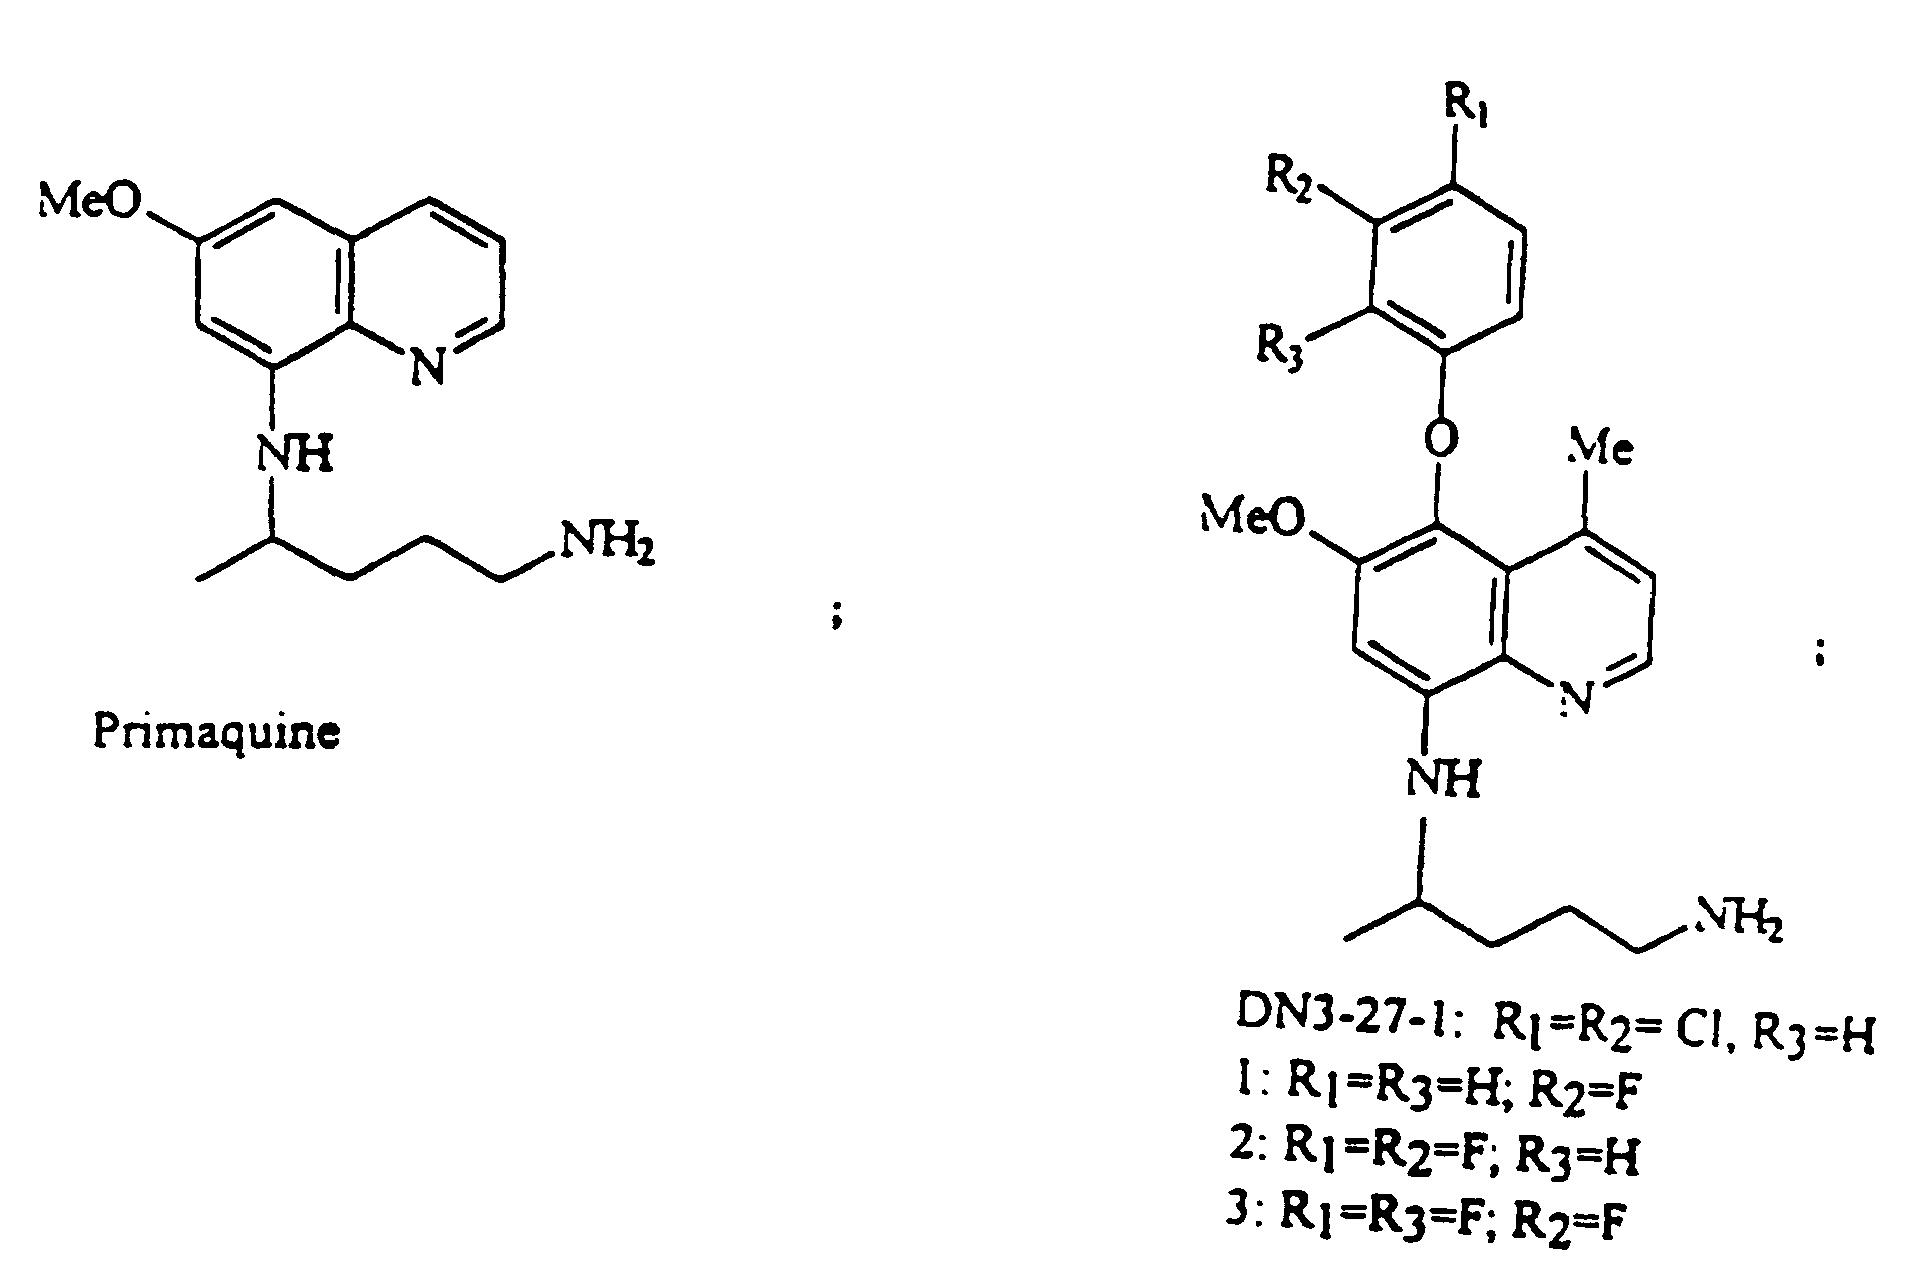 EP0907363B1 - Medicament comprising (-)-8-[(4-amino-1